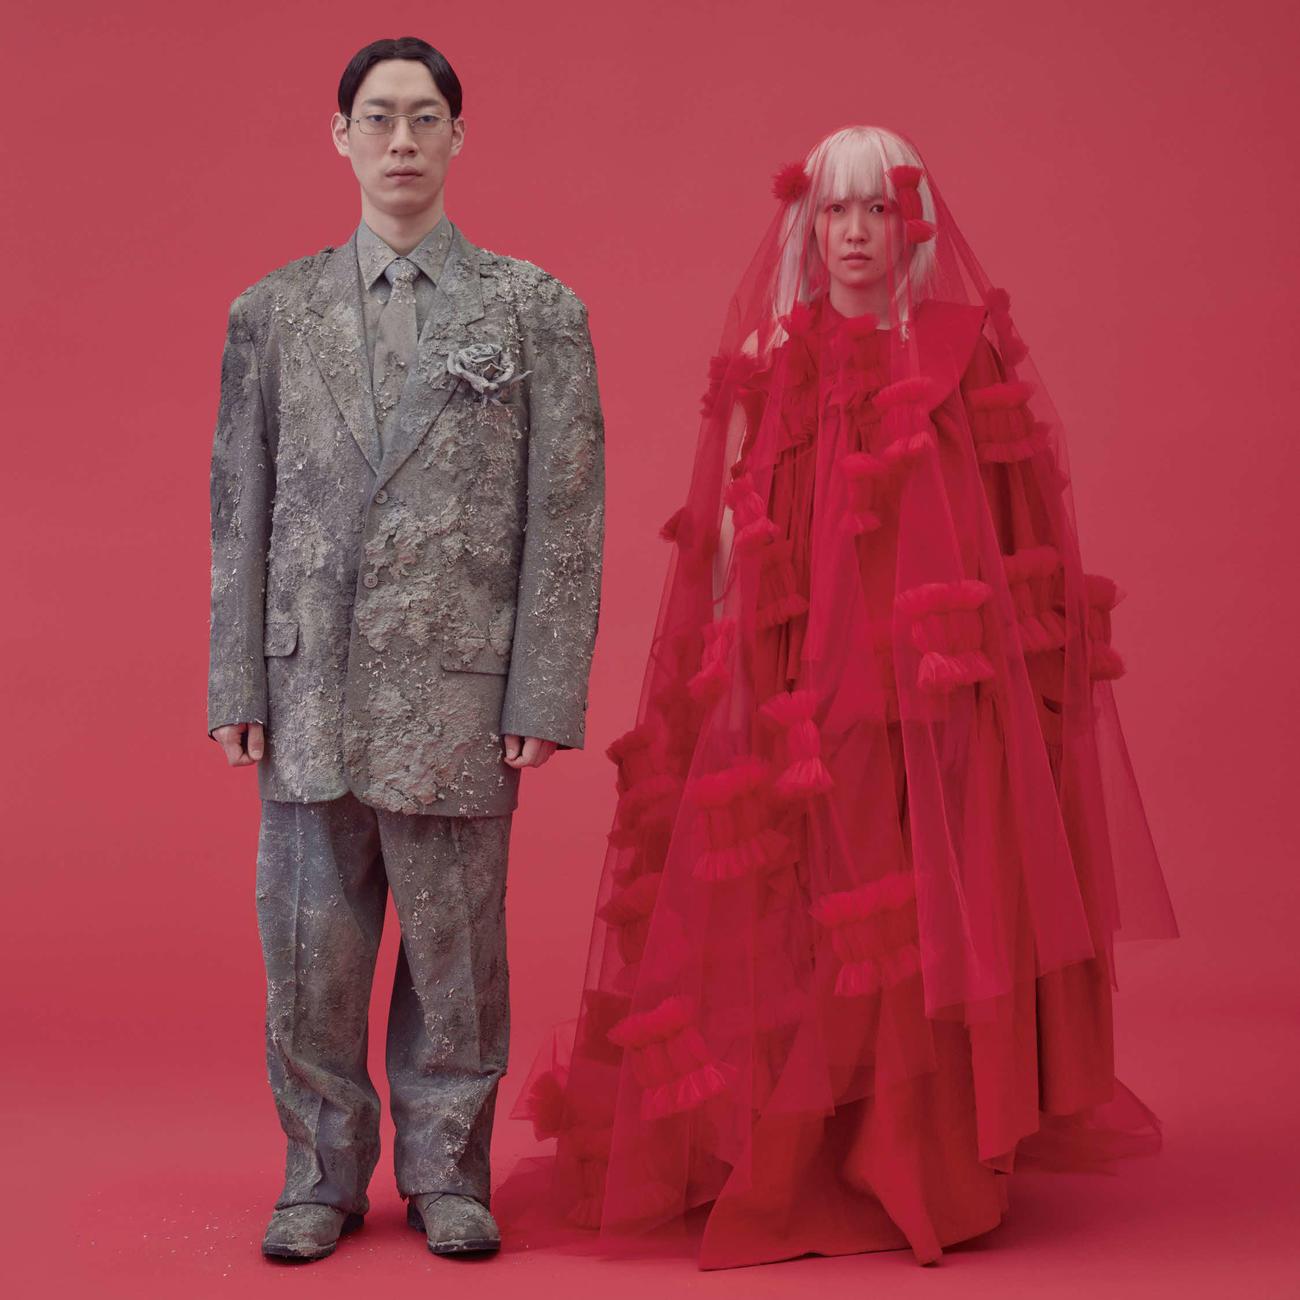 坂東巳之助とシム・ウンギョンが共演するミュージカル「消えちゃう病とタイムバンカー」の解禁ビジュアル